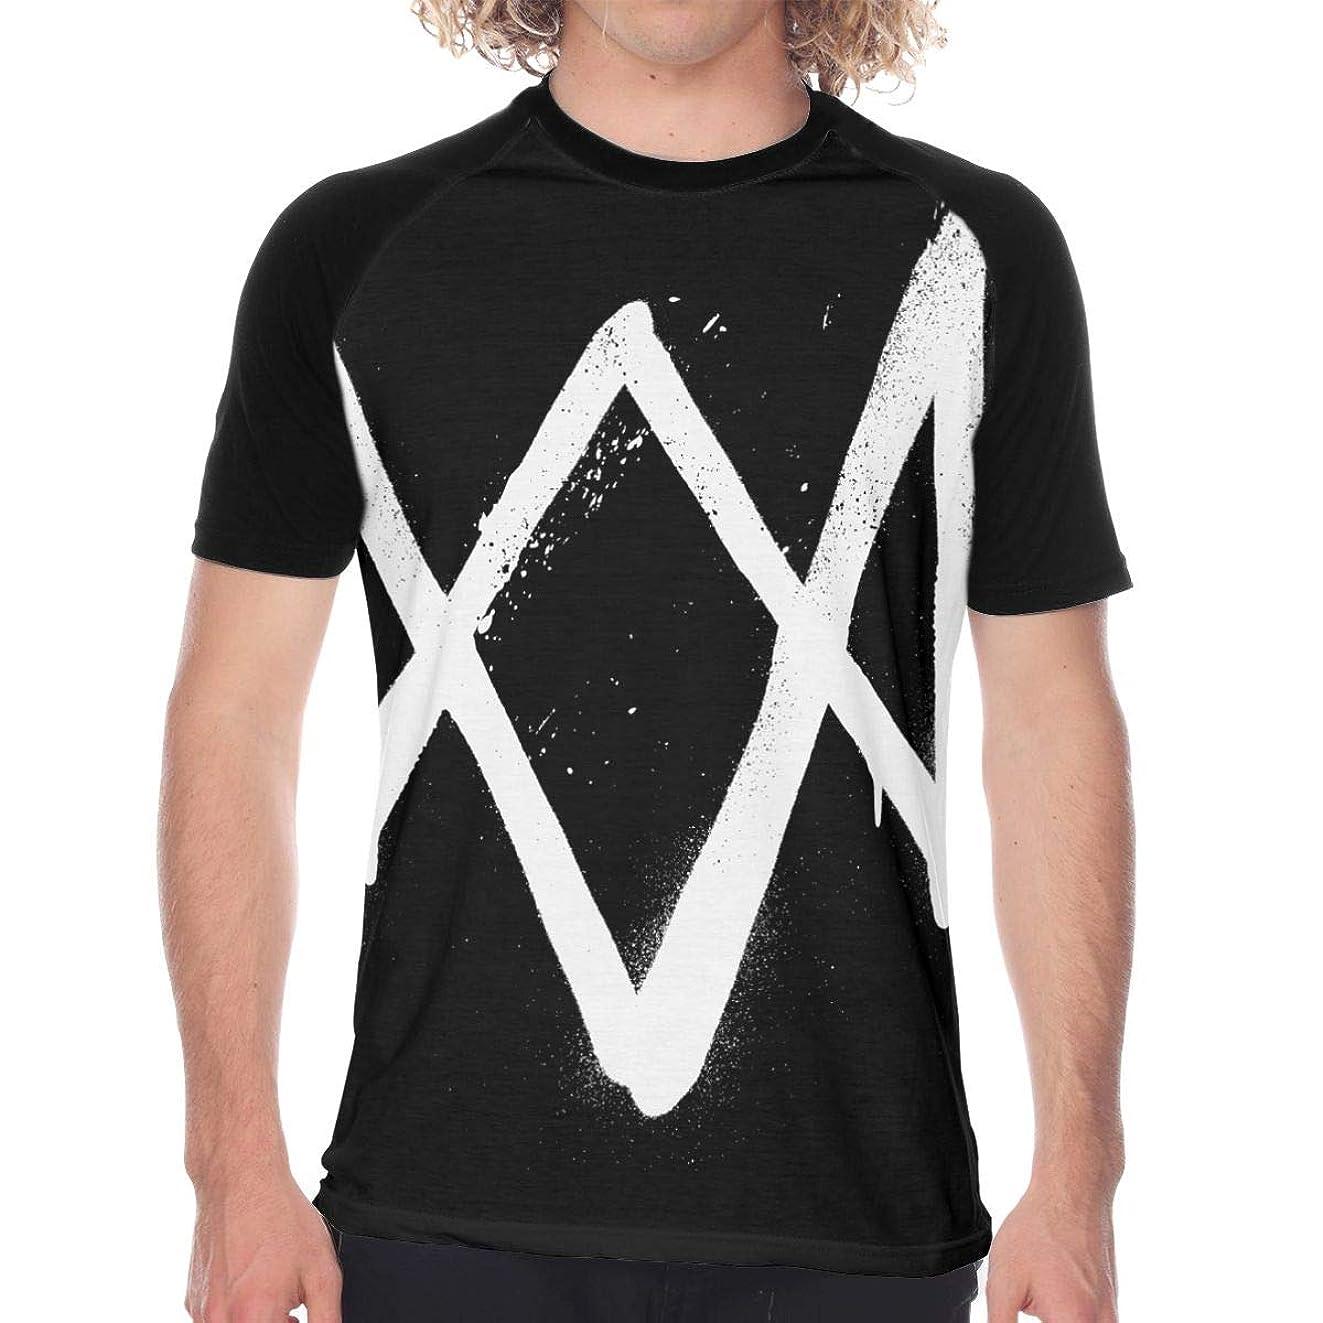 毎月アシスト出発Watch Dogs 2 メンズ Tシャツ インナーシャツ シンプル 半袖 クルーネック シンプル